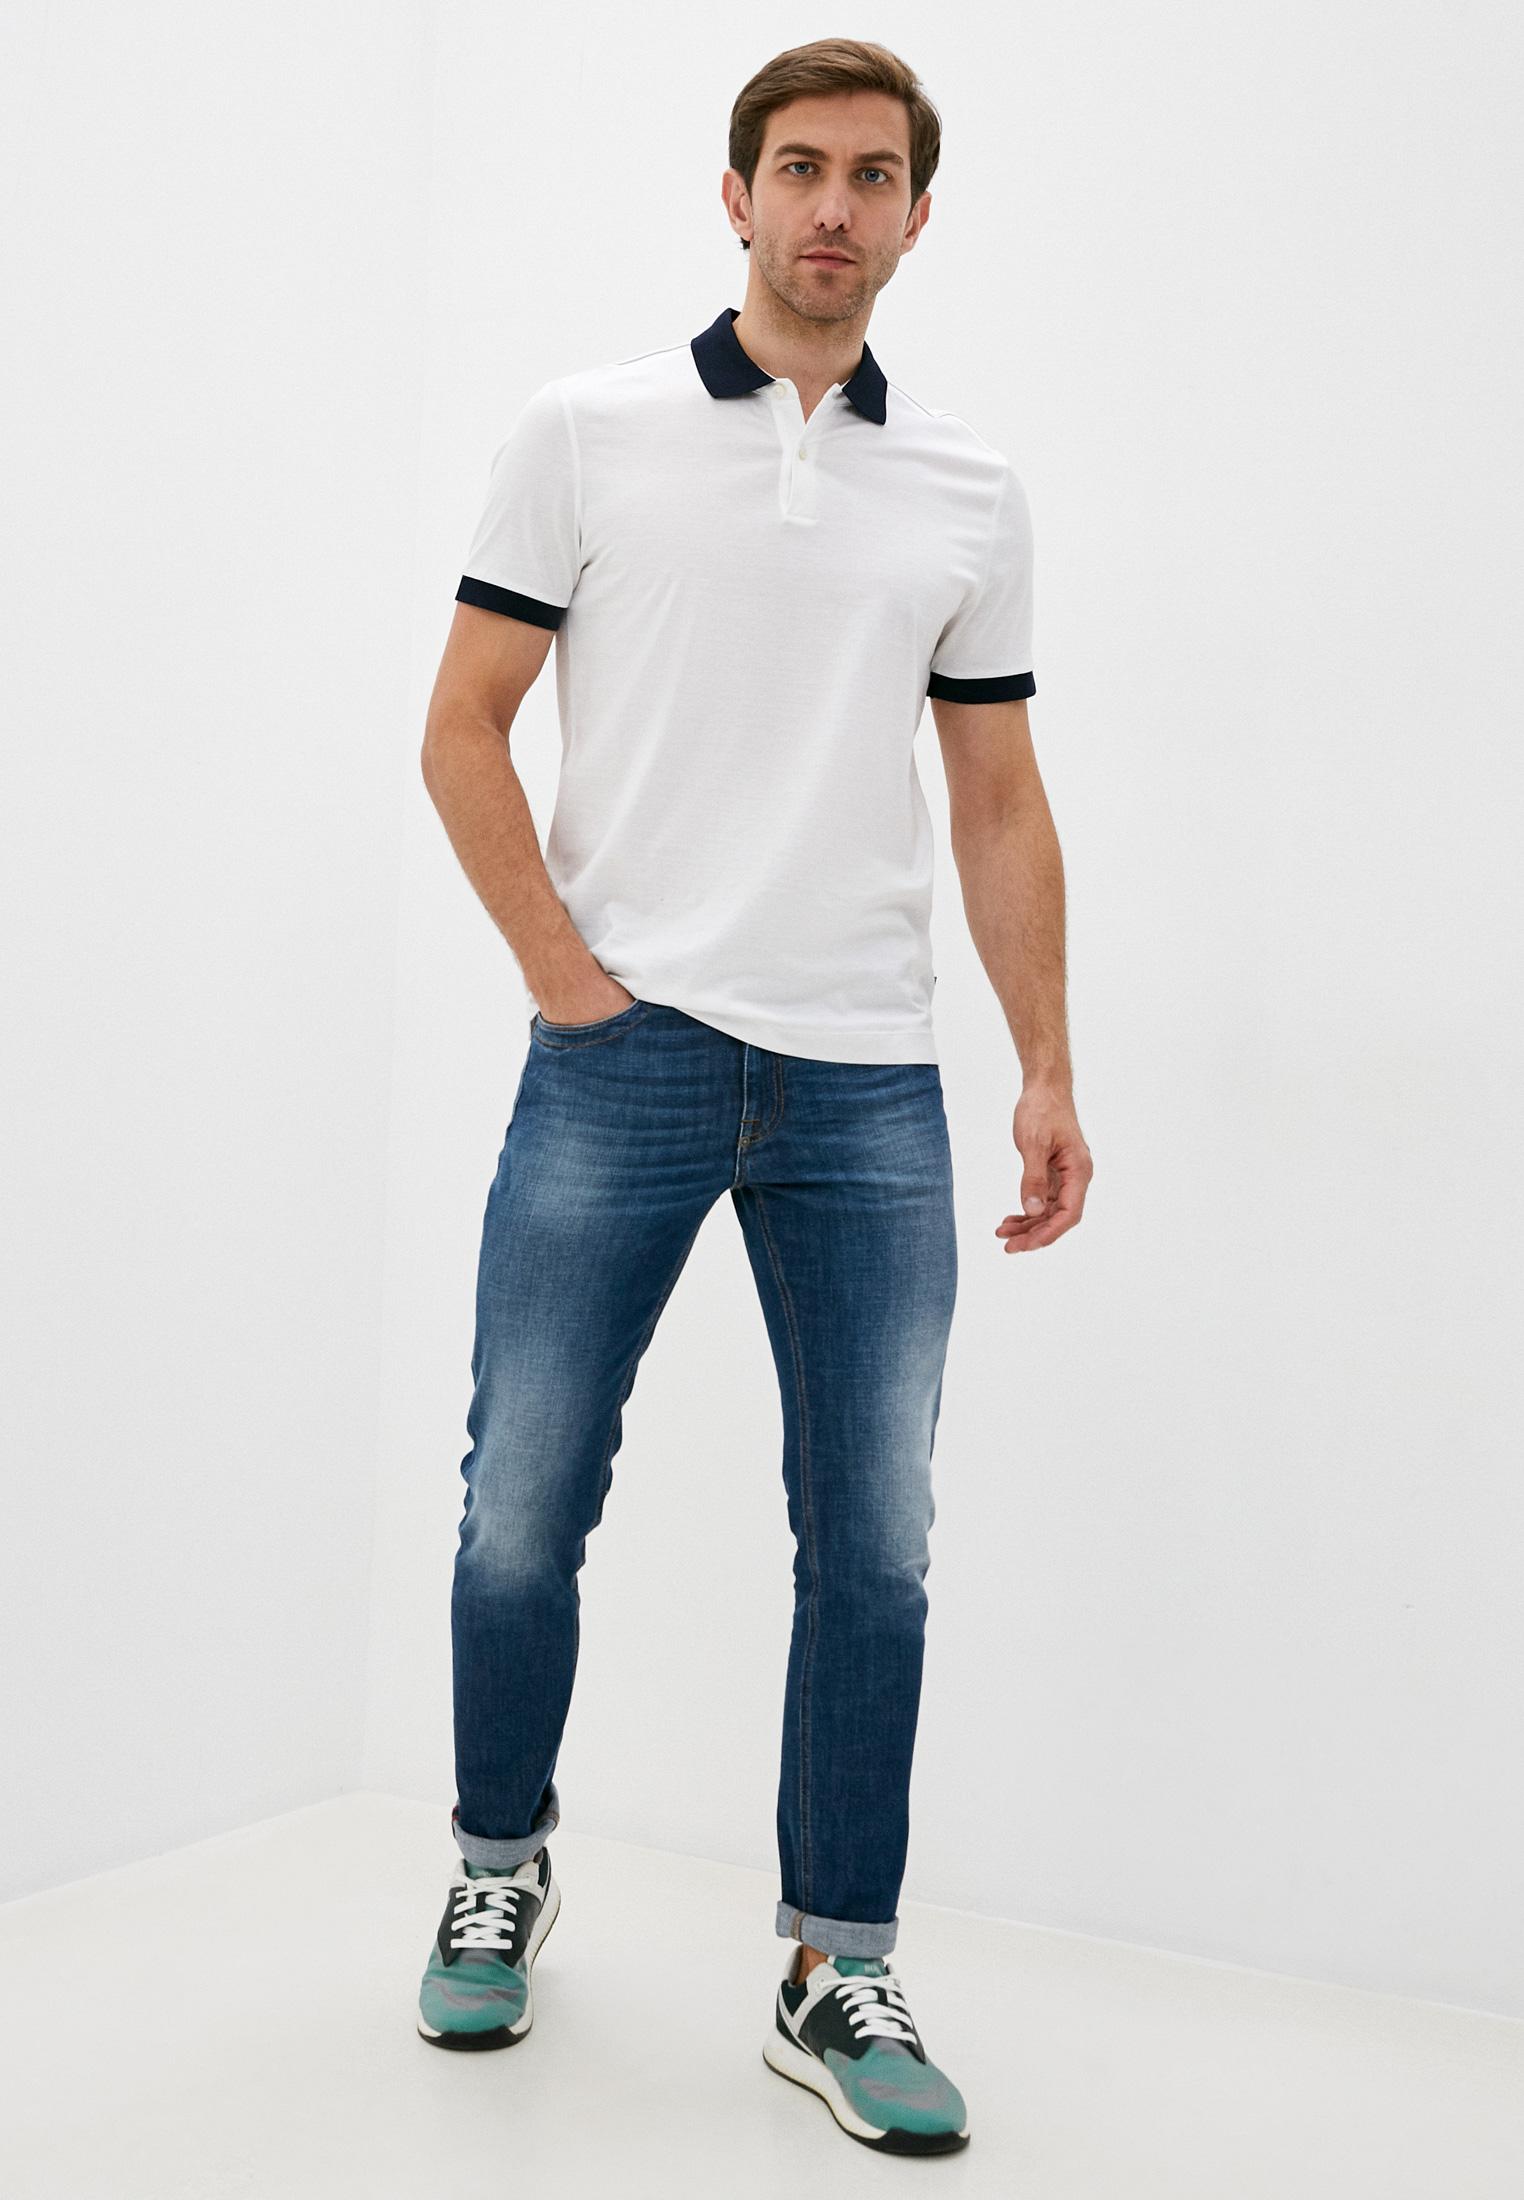 Мужские прямые джинсы Bikkembergs (Биккембергс) C Q 101 17 S 3393: изображение 3